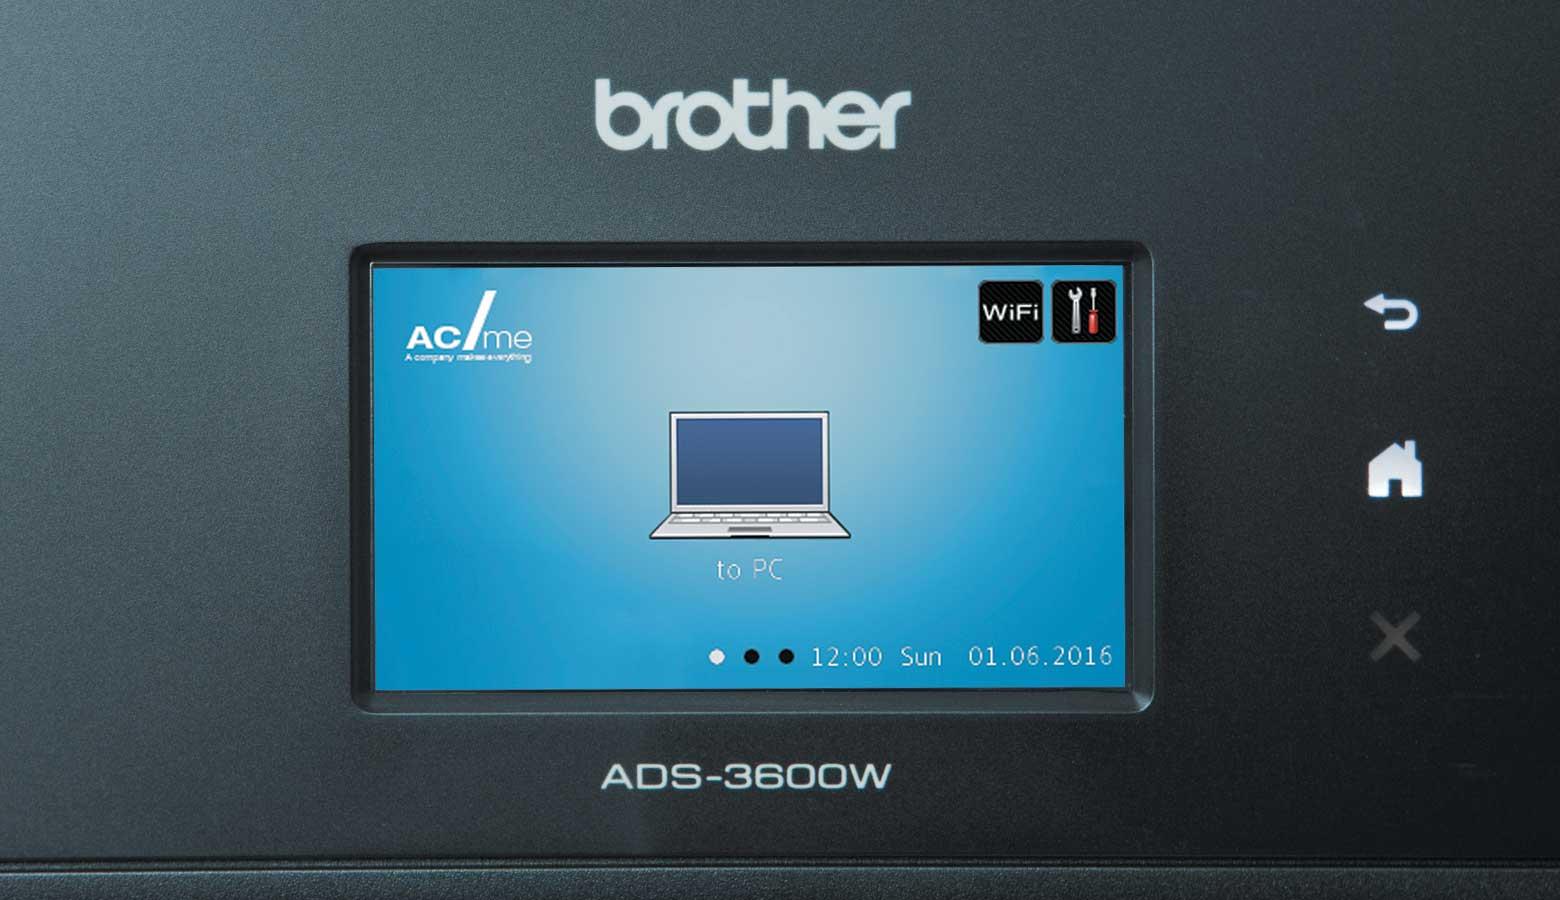 Acme_touchscreen